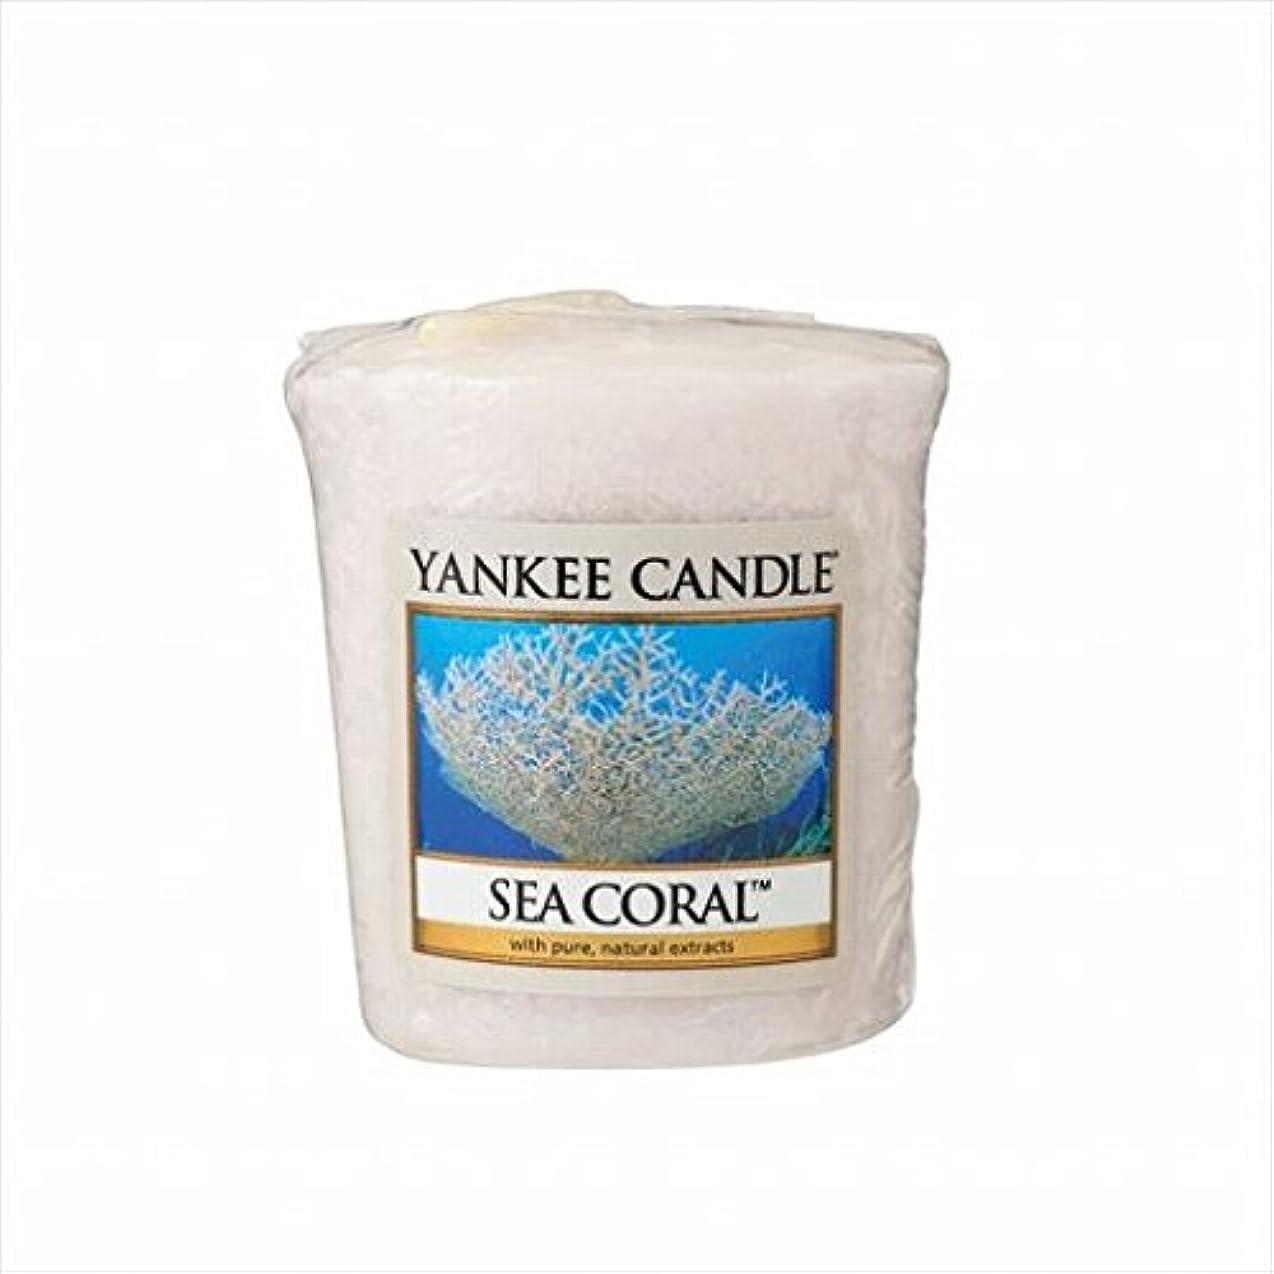 ミルクやめる変更可能カメヤマキャンドル(kameyama candle) YANKEE CANDLE サンプラー 「 シーコーラル 」